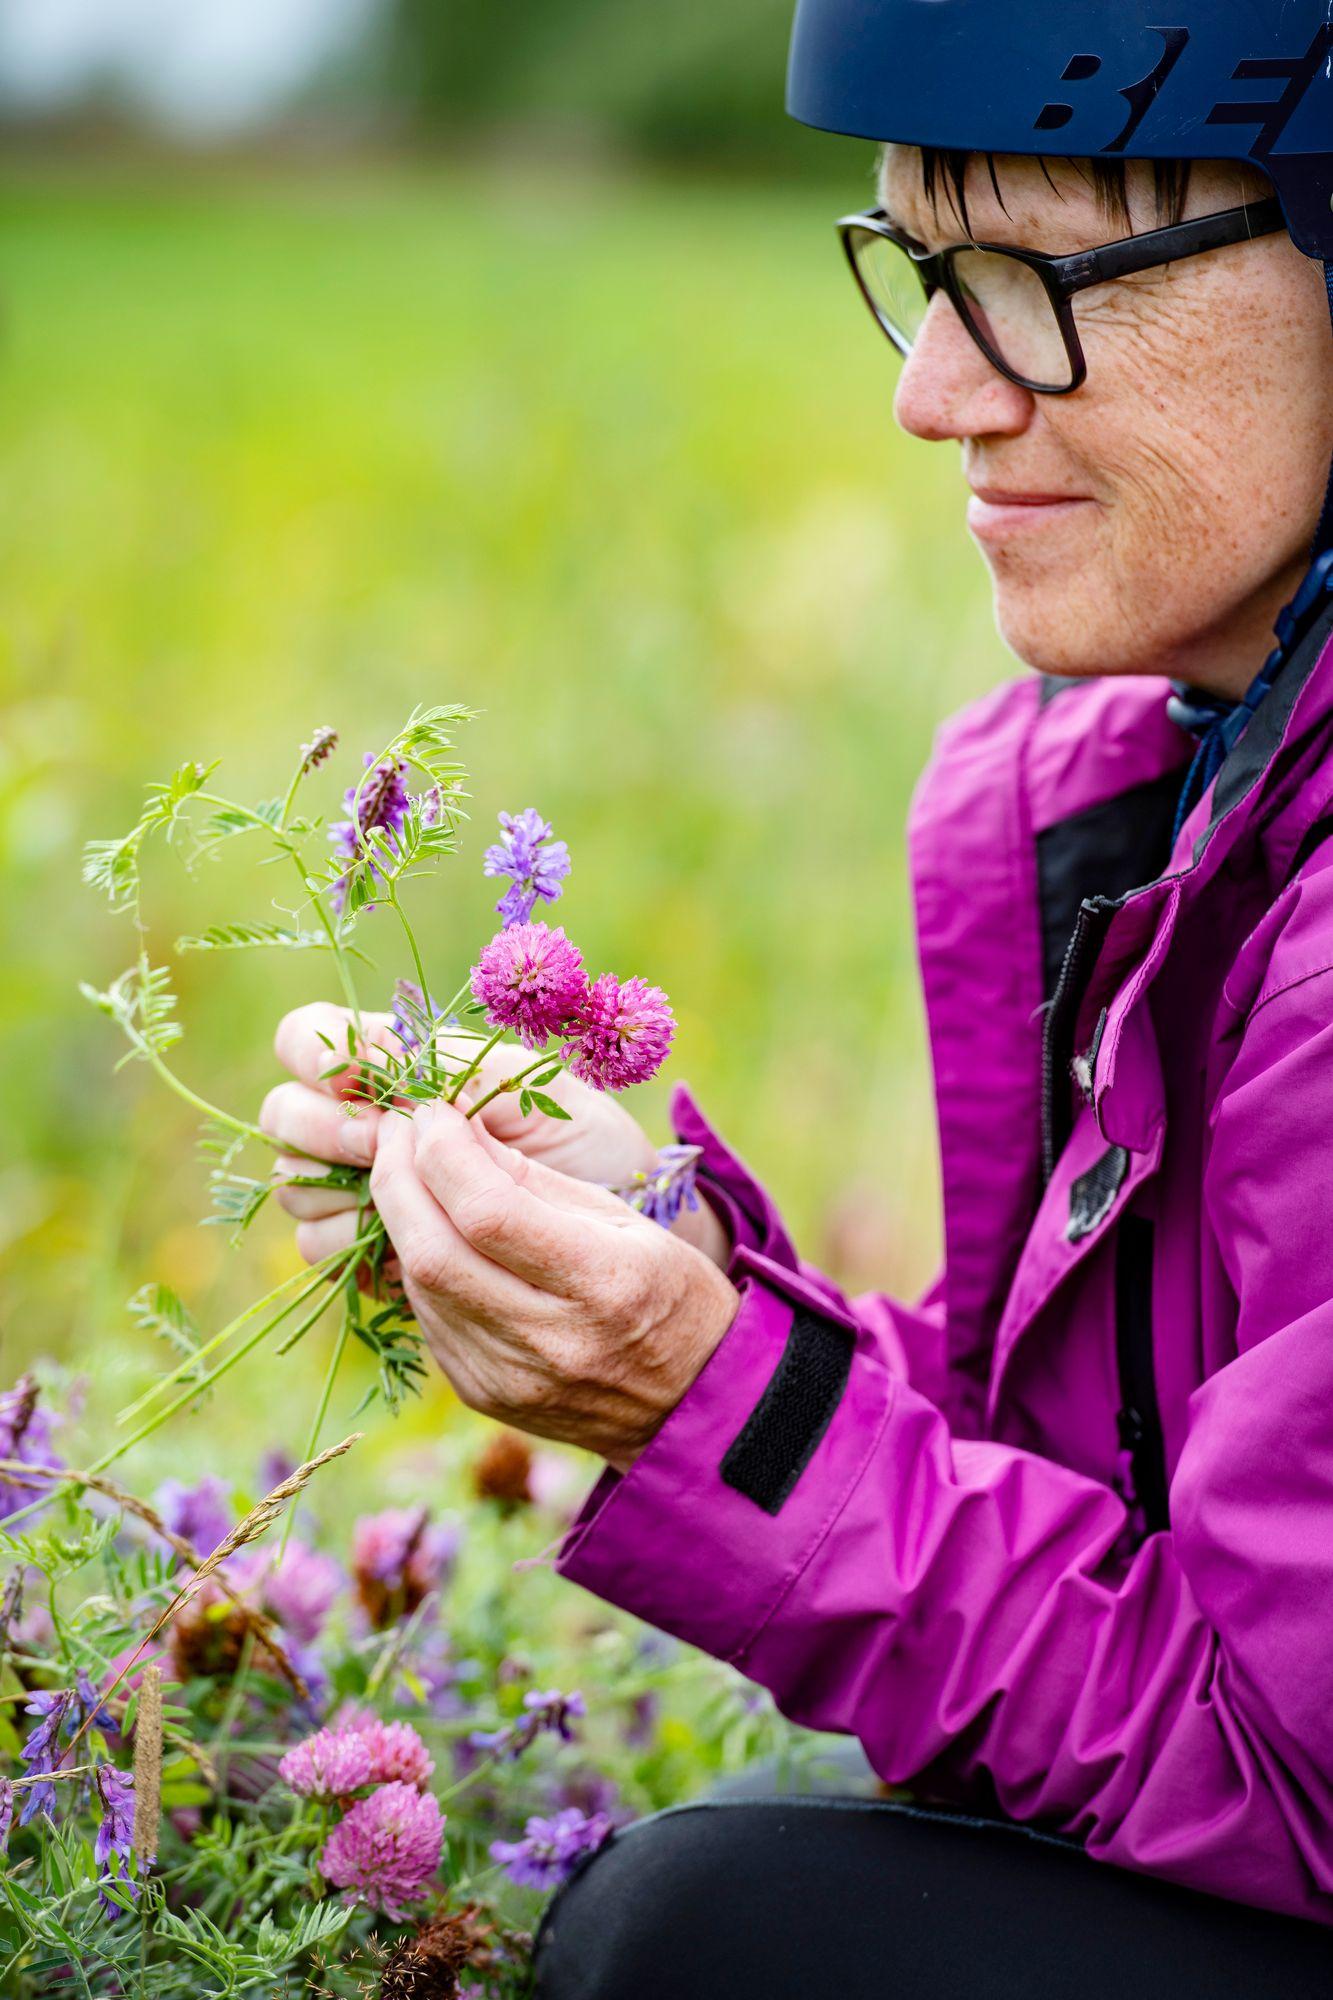 Kannuksen Korpelan kylässä on kauniita luonnonkukkia hiekkatien varrella. © Päivi Karjalainen